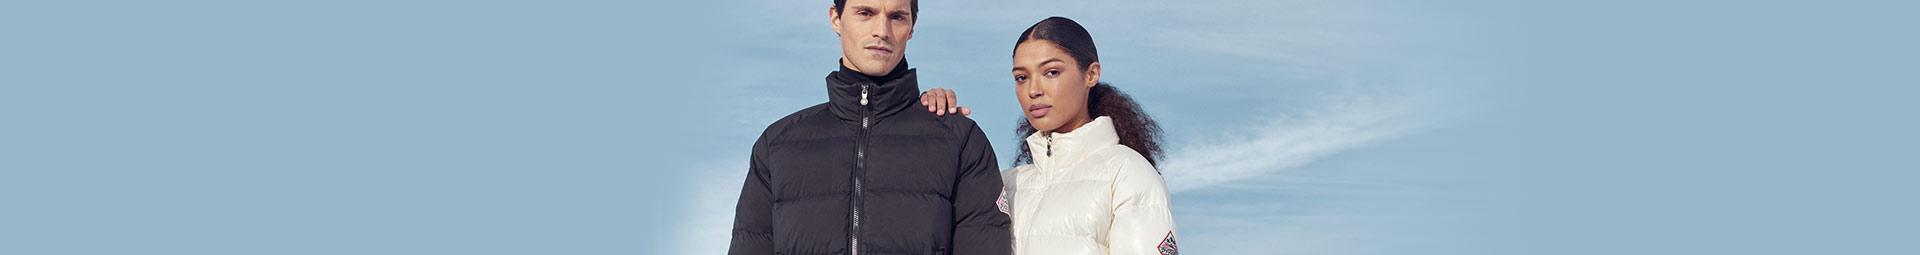 Pyrenex® | Official Apparel Online Shop | Down Jackets & Parkas